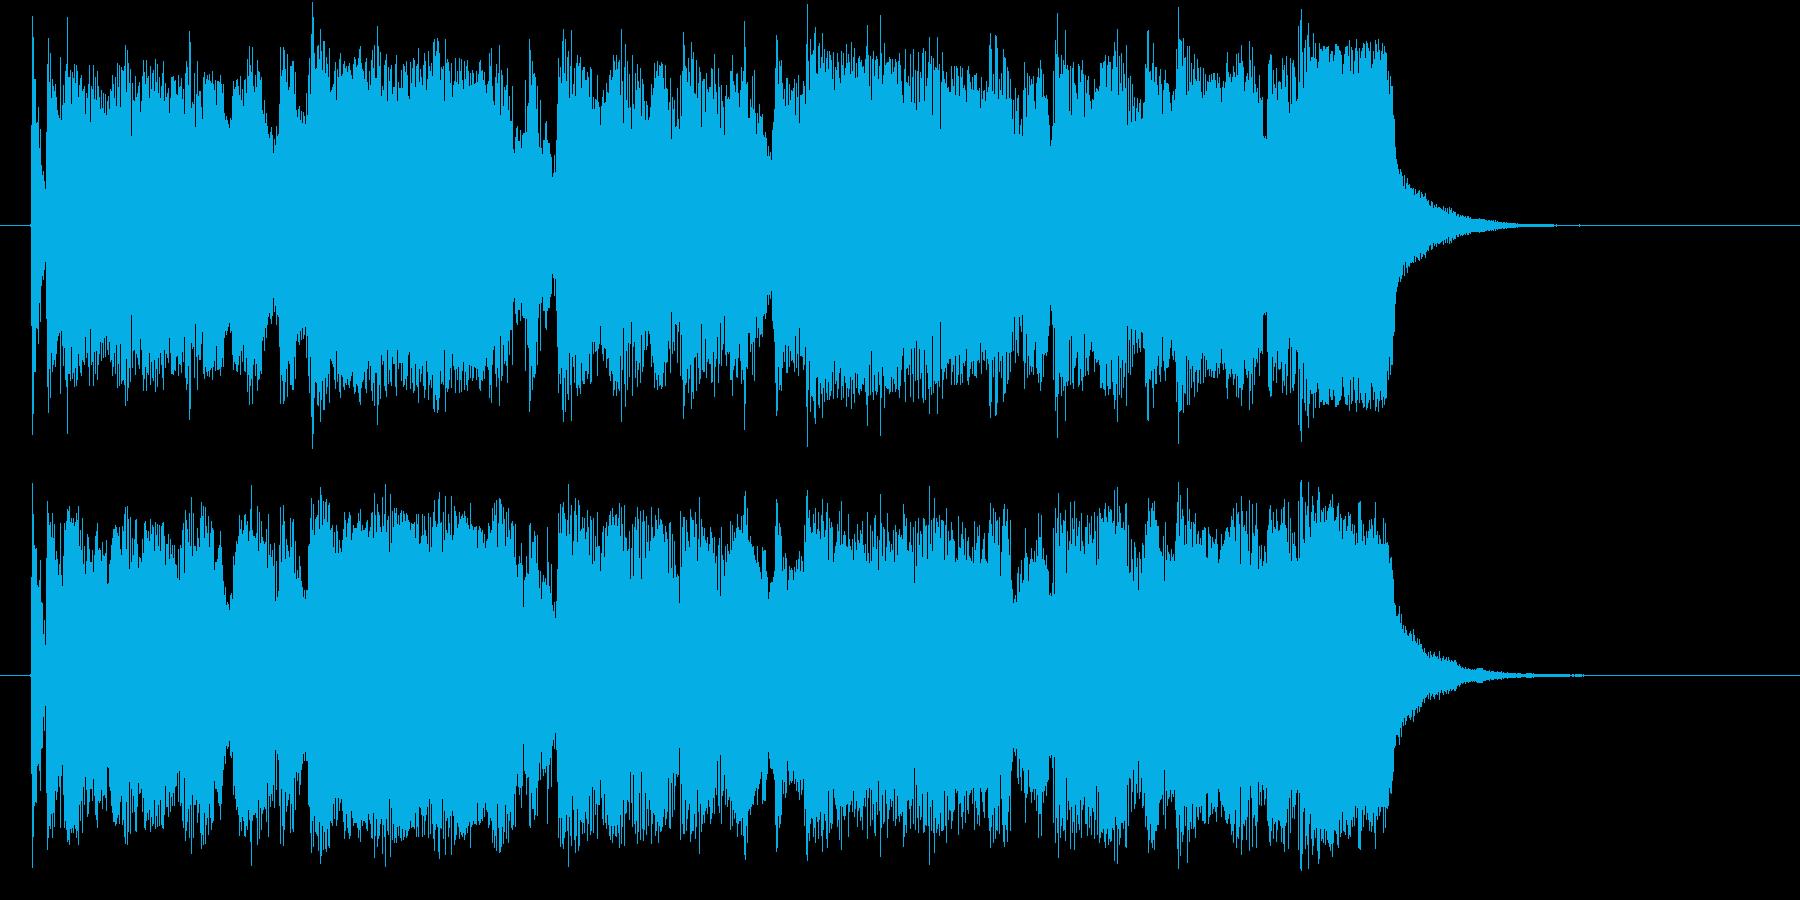 冒険の始まりを知らせる壮大なシンセ曲の再生済みの波形